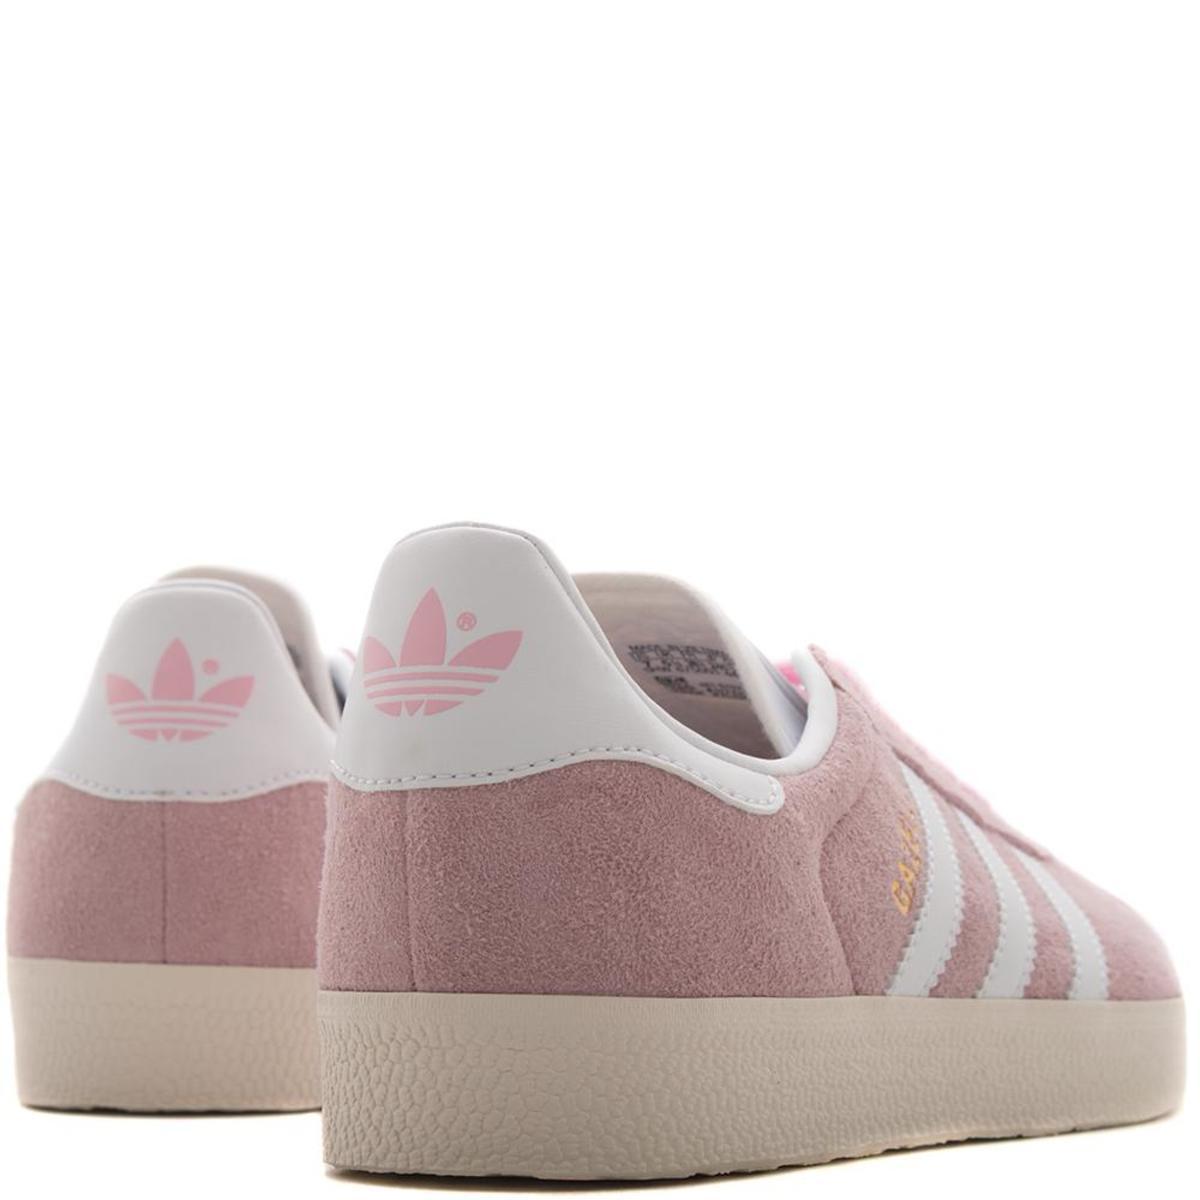 Adidas Gazelle / Wonder Pink garmentory